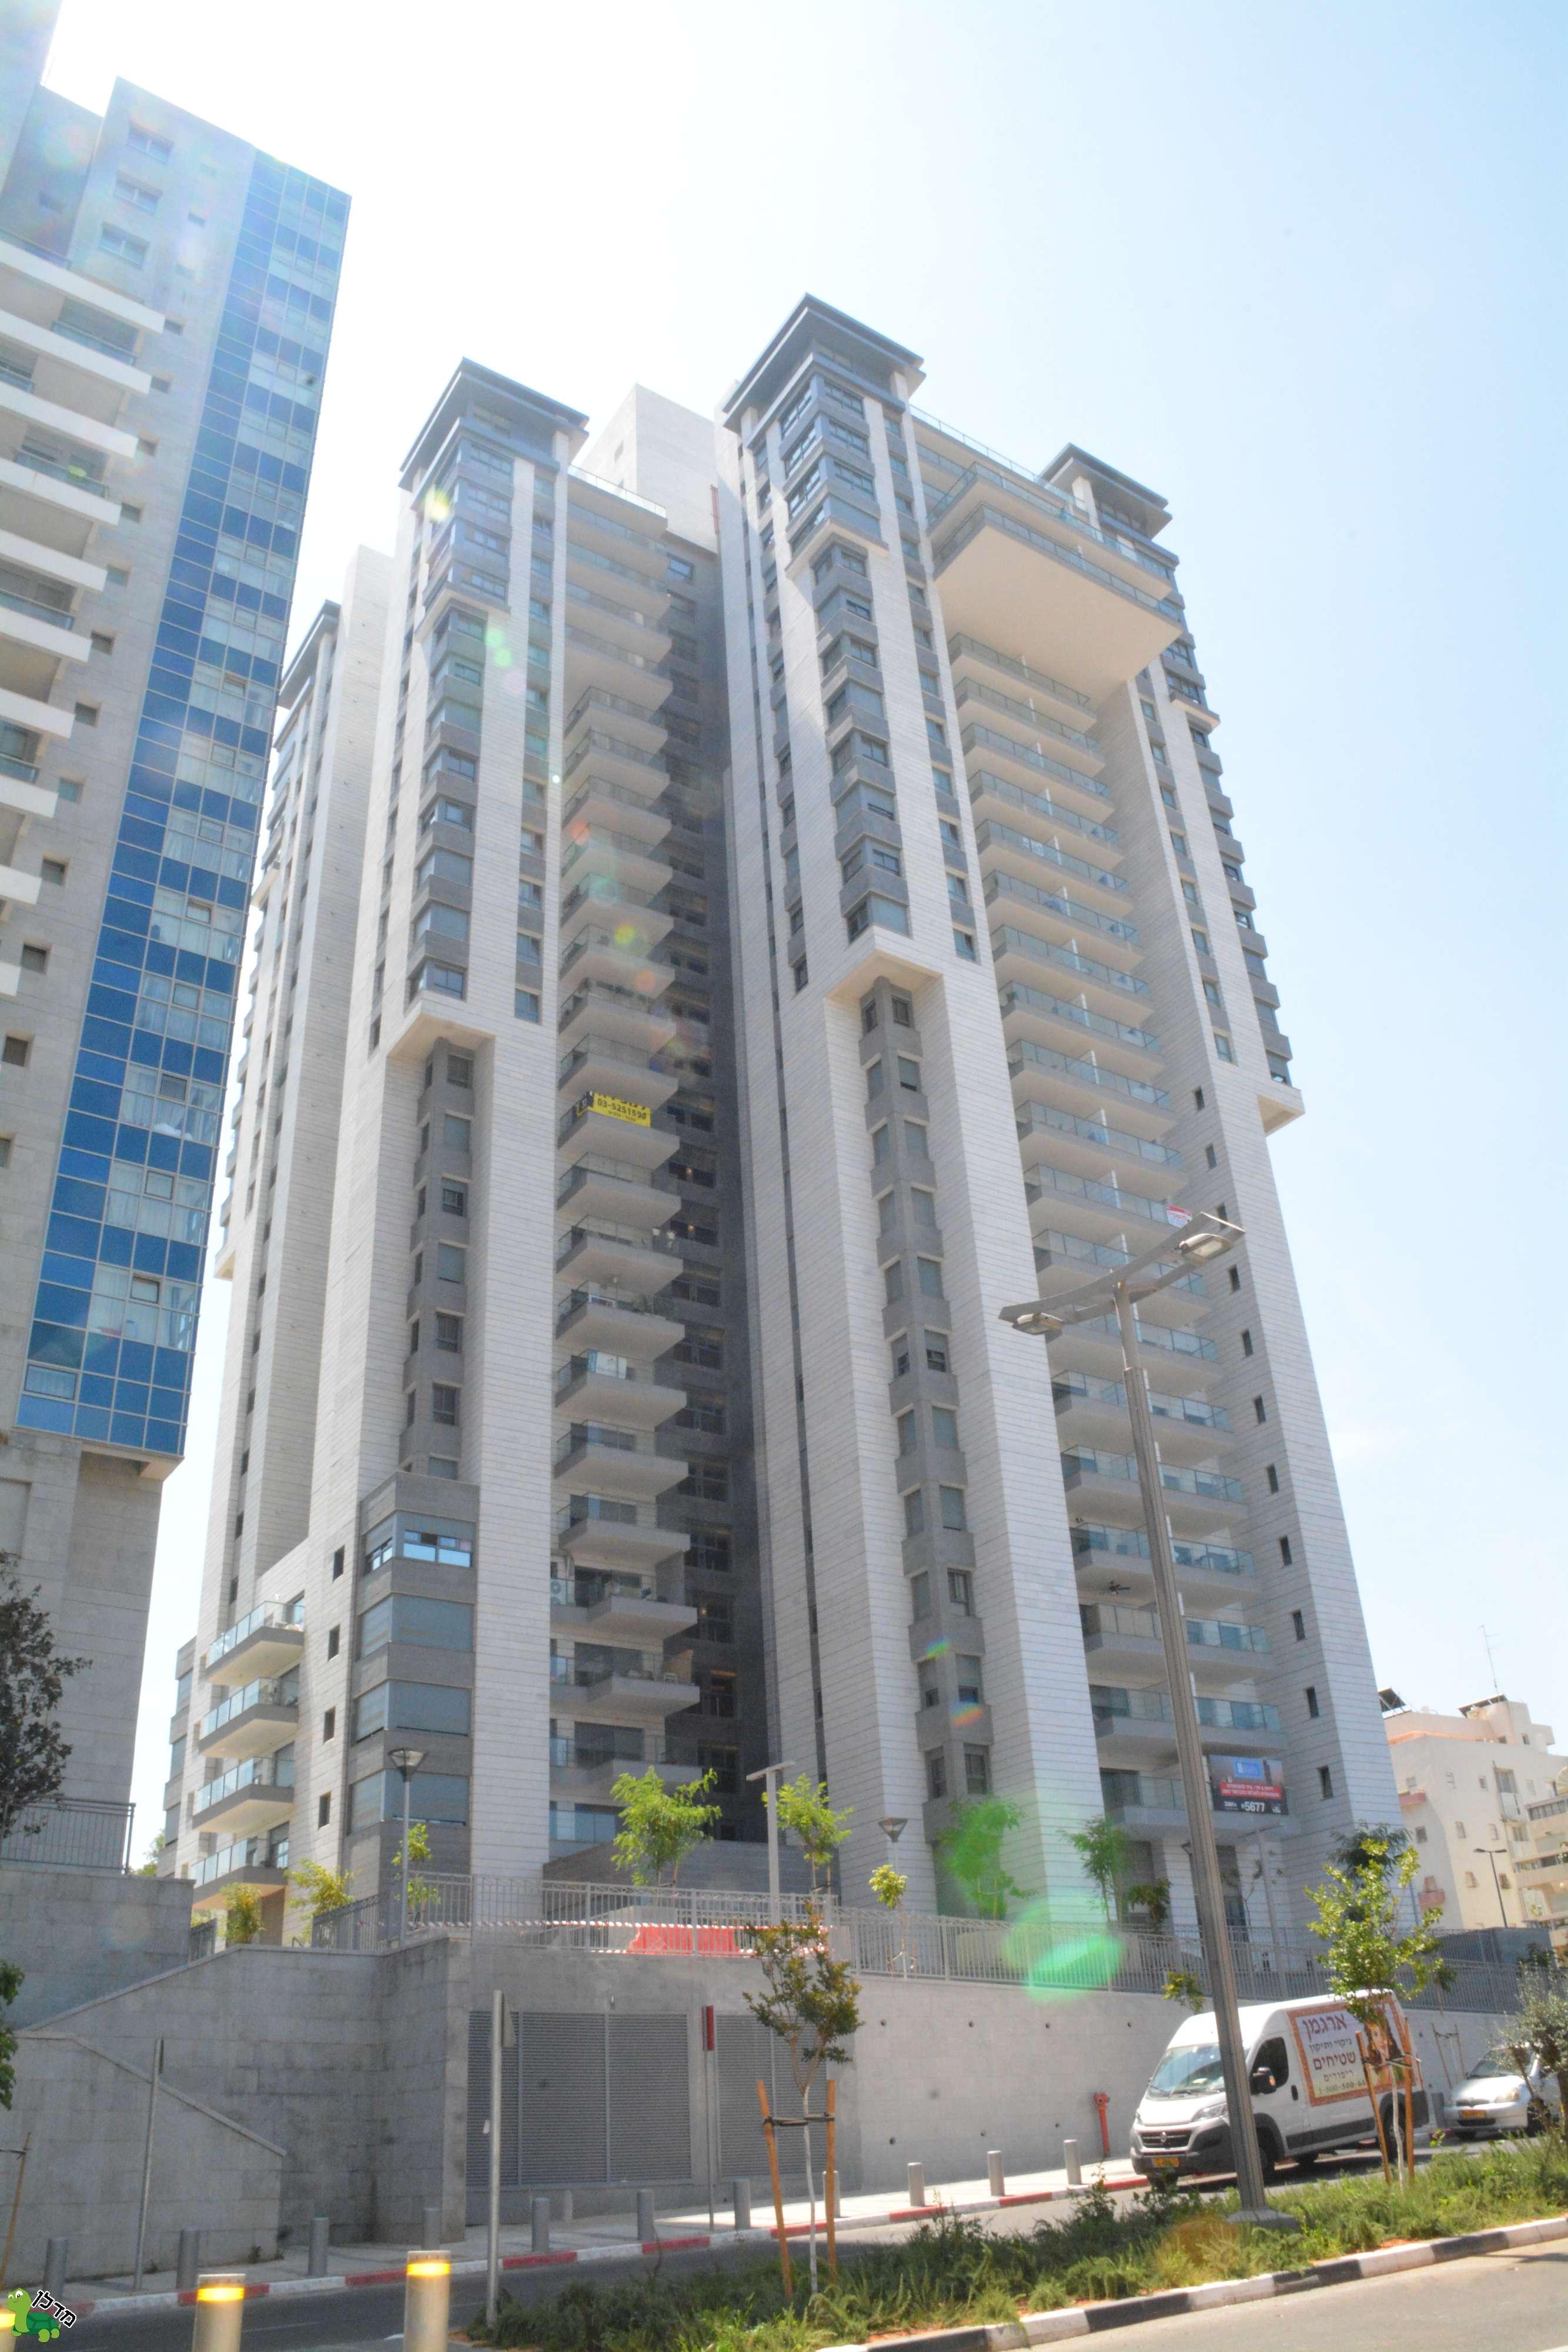 עדכון מעודכן דירות למכירה בסיטי, גבעתיים - 13 דירות באזור VG-61